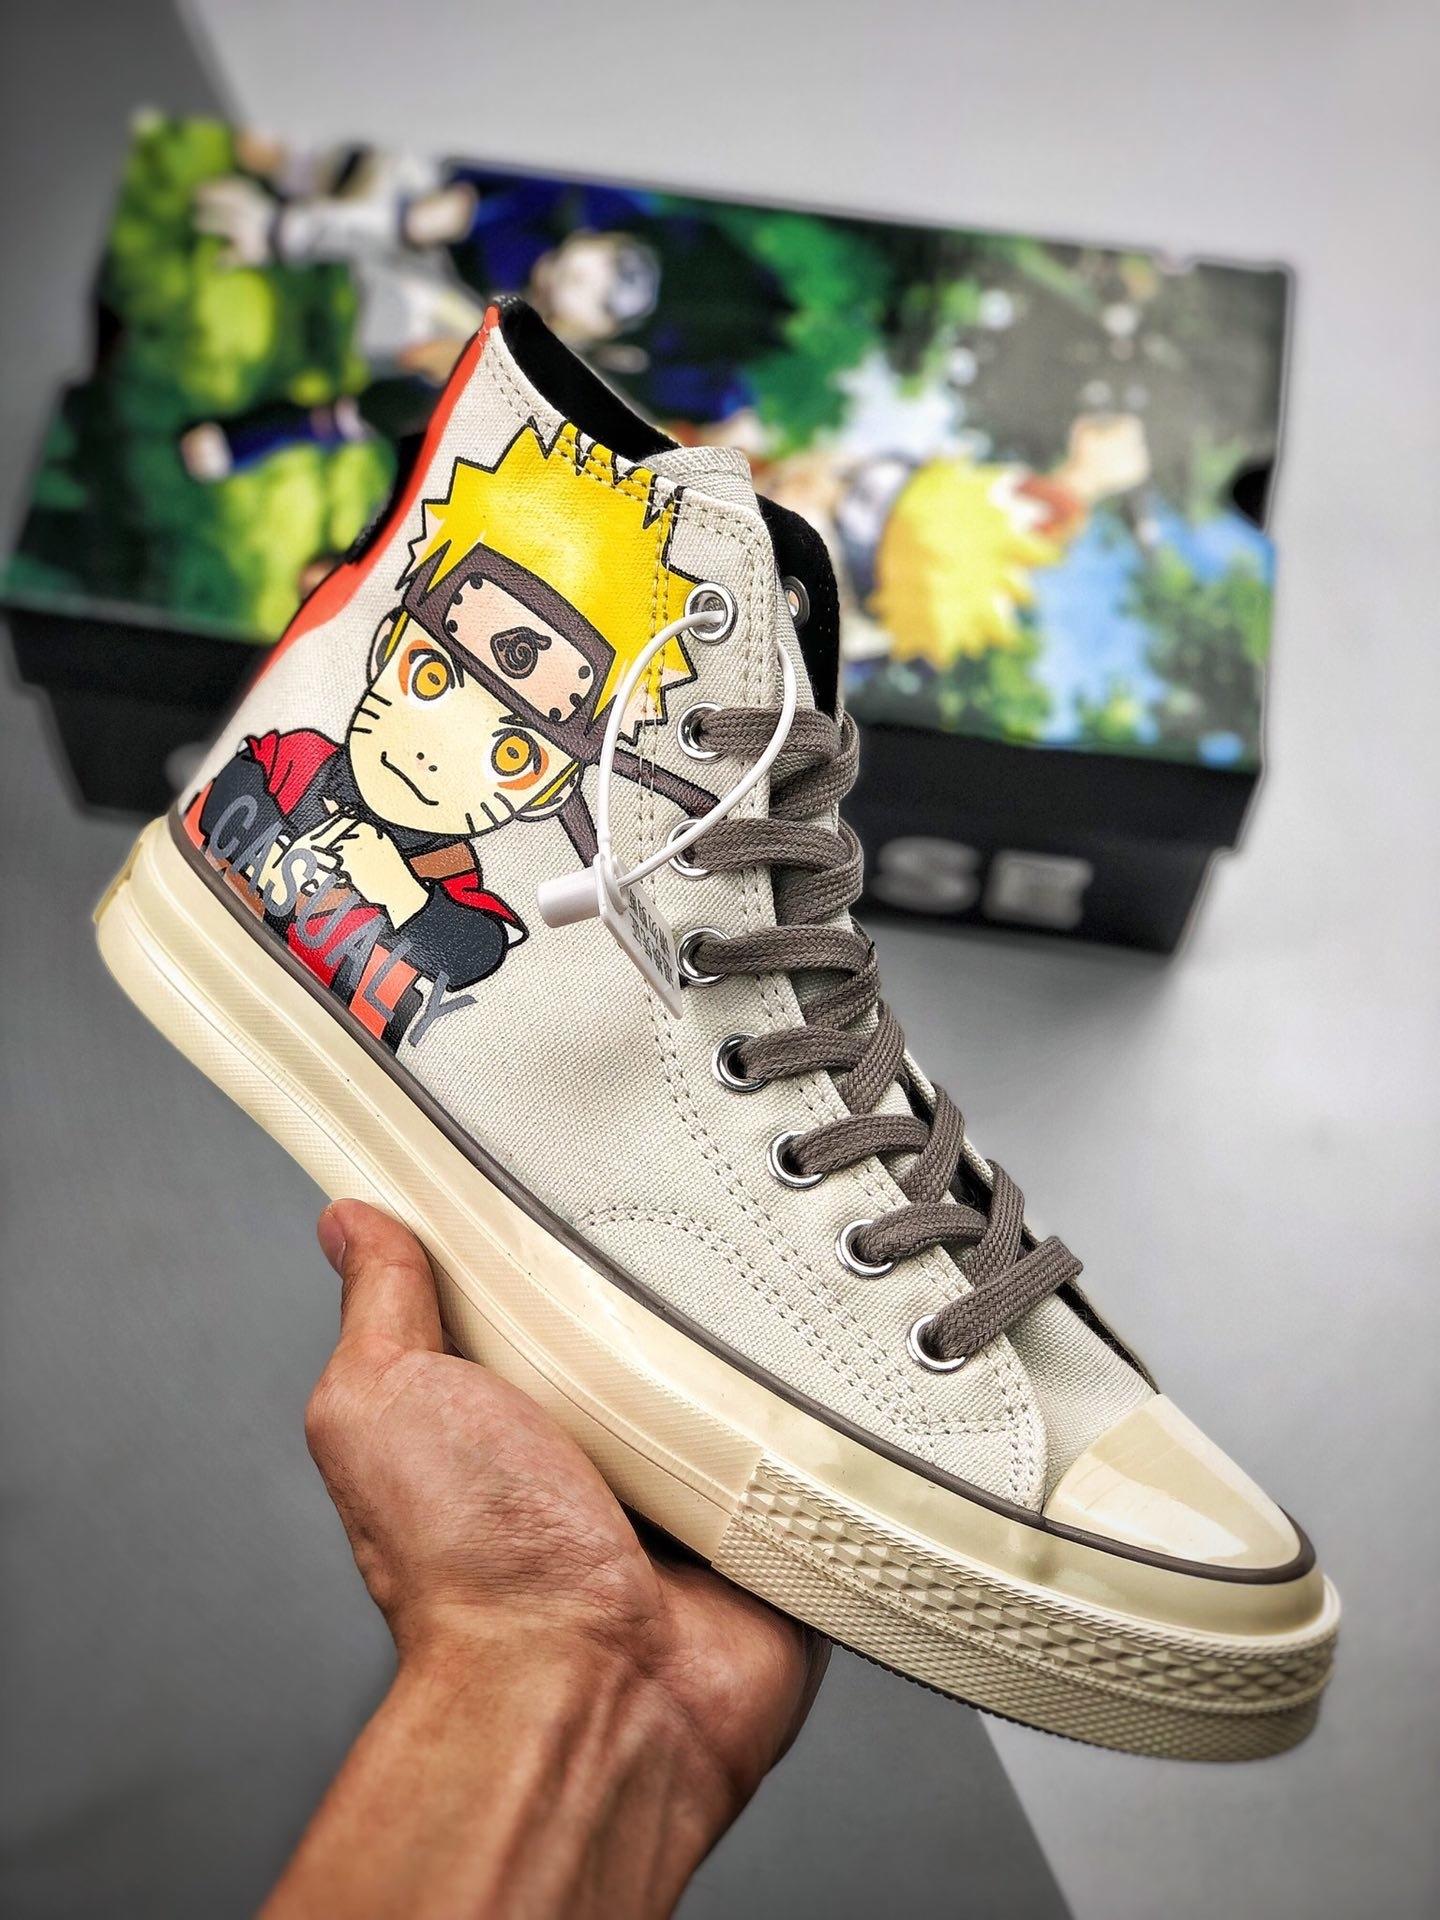 火影迷福利来袭!Converse x Naruto联名帆布鞋开箱测评!